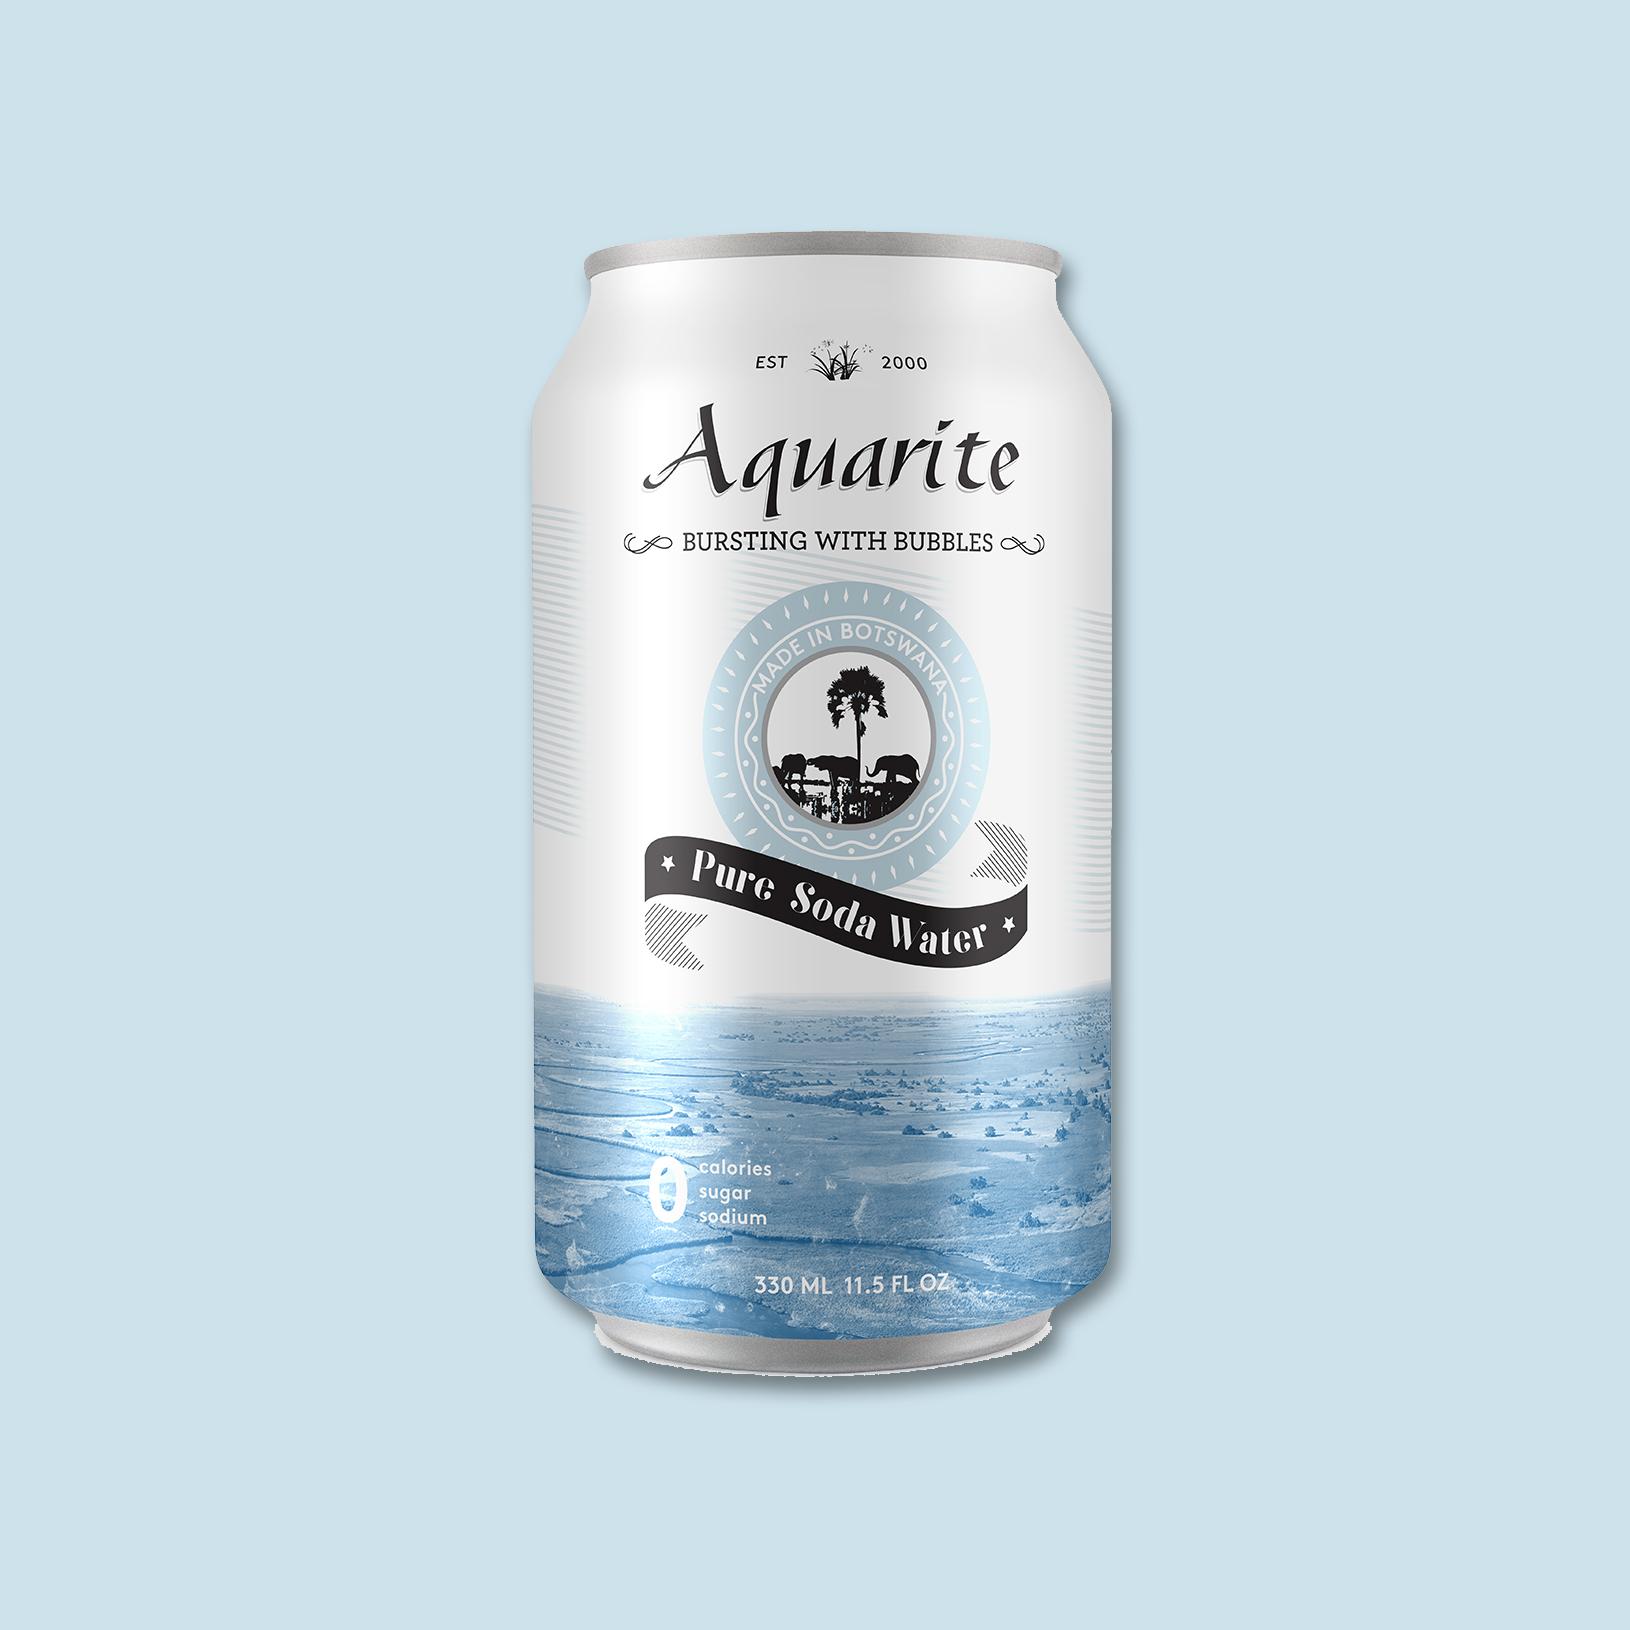 Aquarite Cans